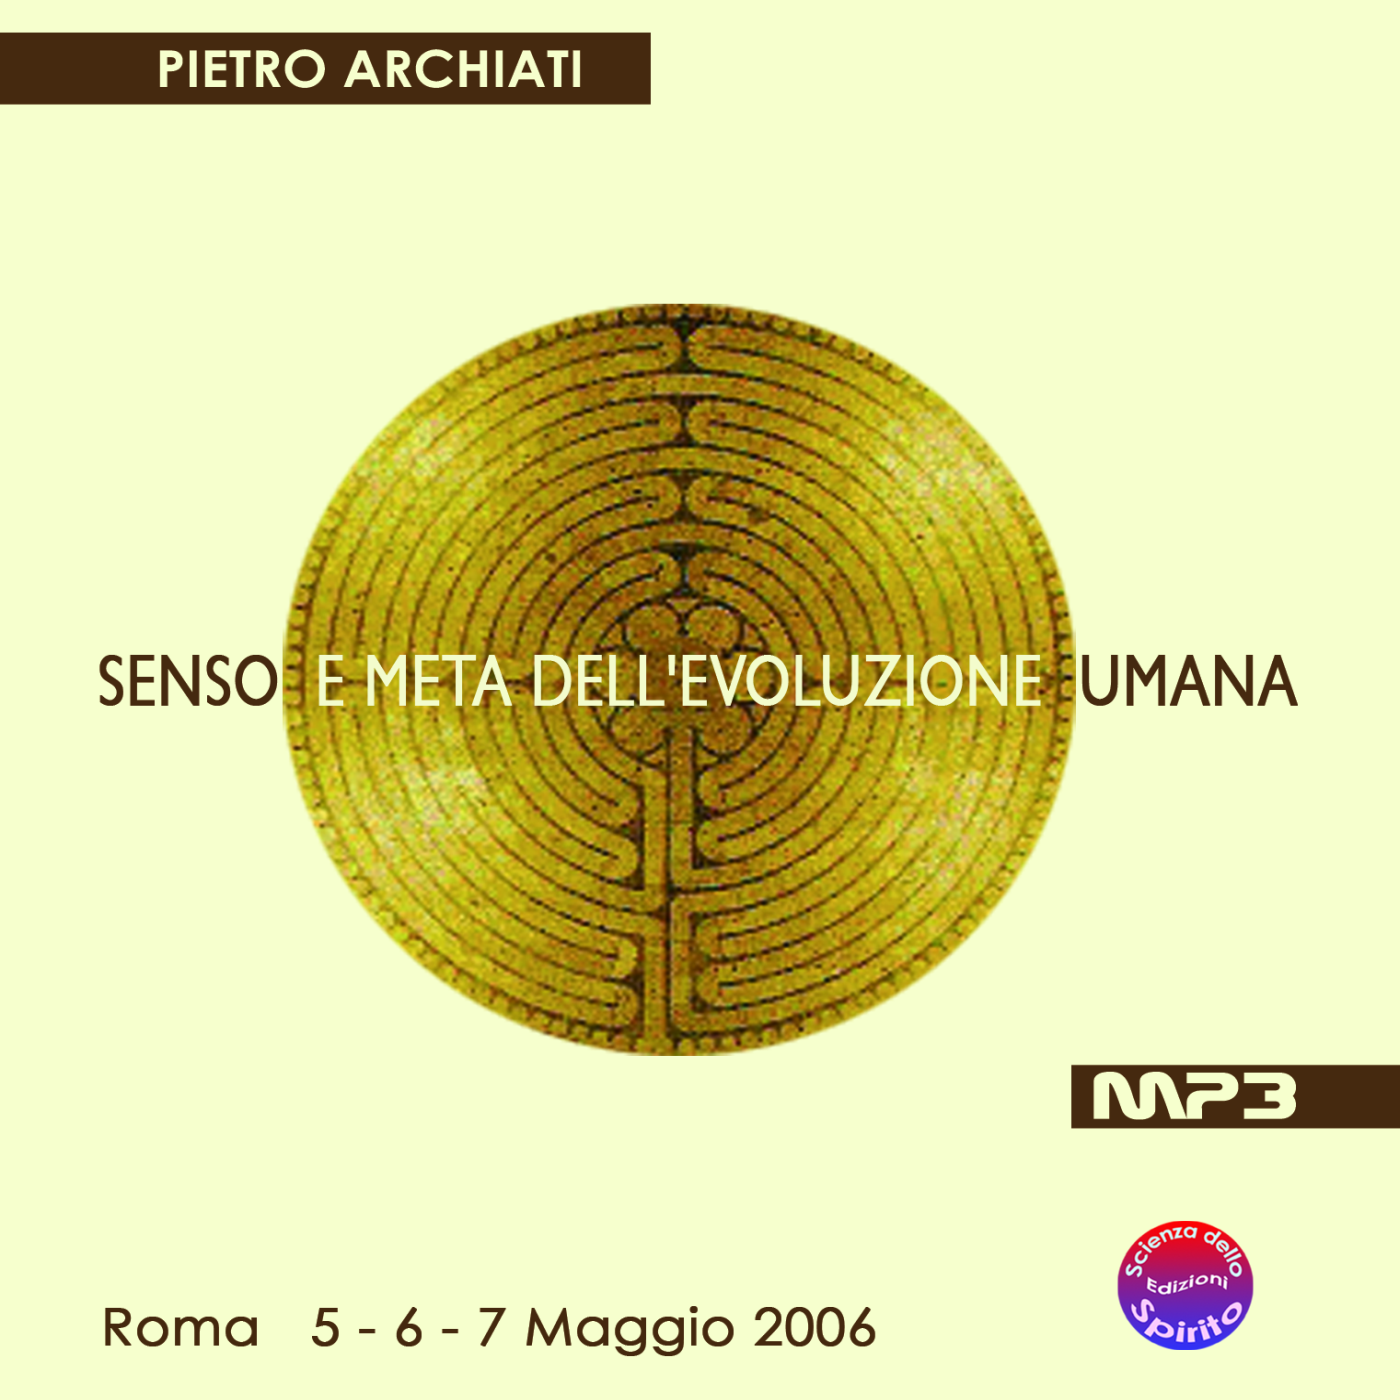 SENSO E META DELL'EVOLUZIONE UMANA - Convegno di Scienza dello spirito - Roma, dal 5 al 7 maggio 2006